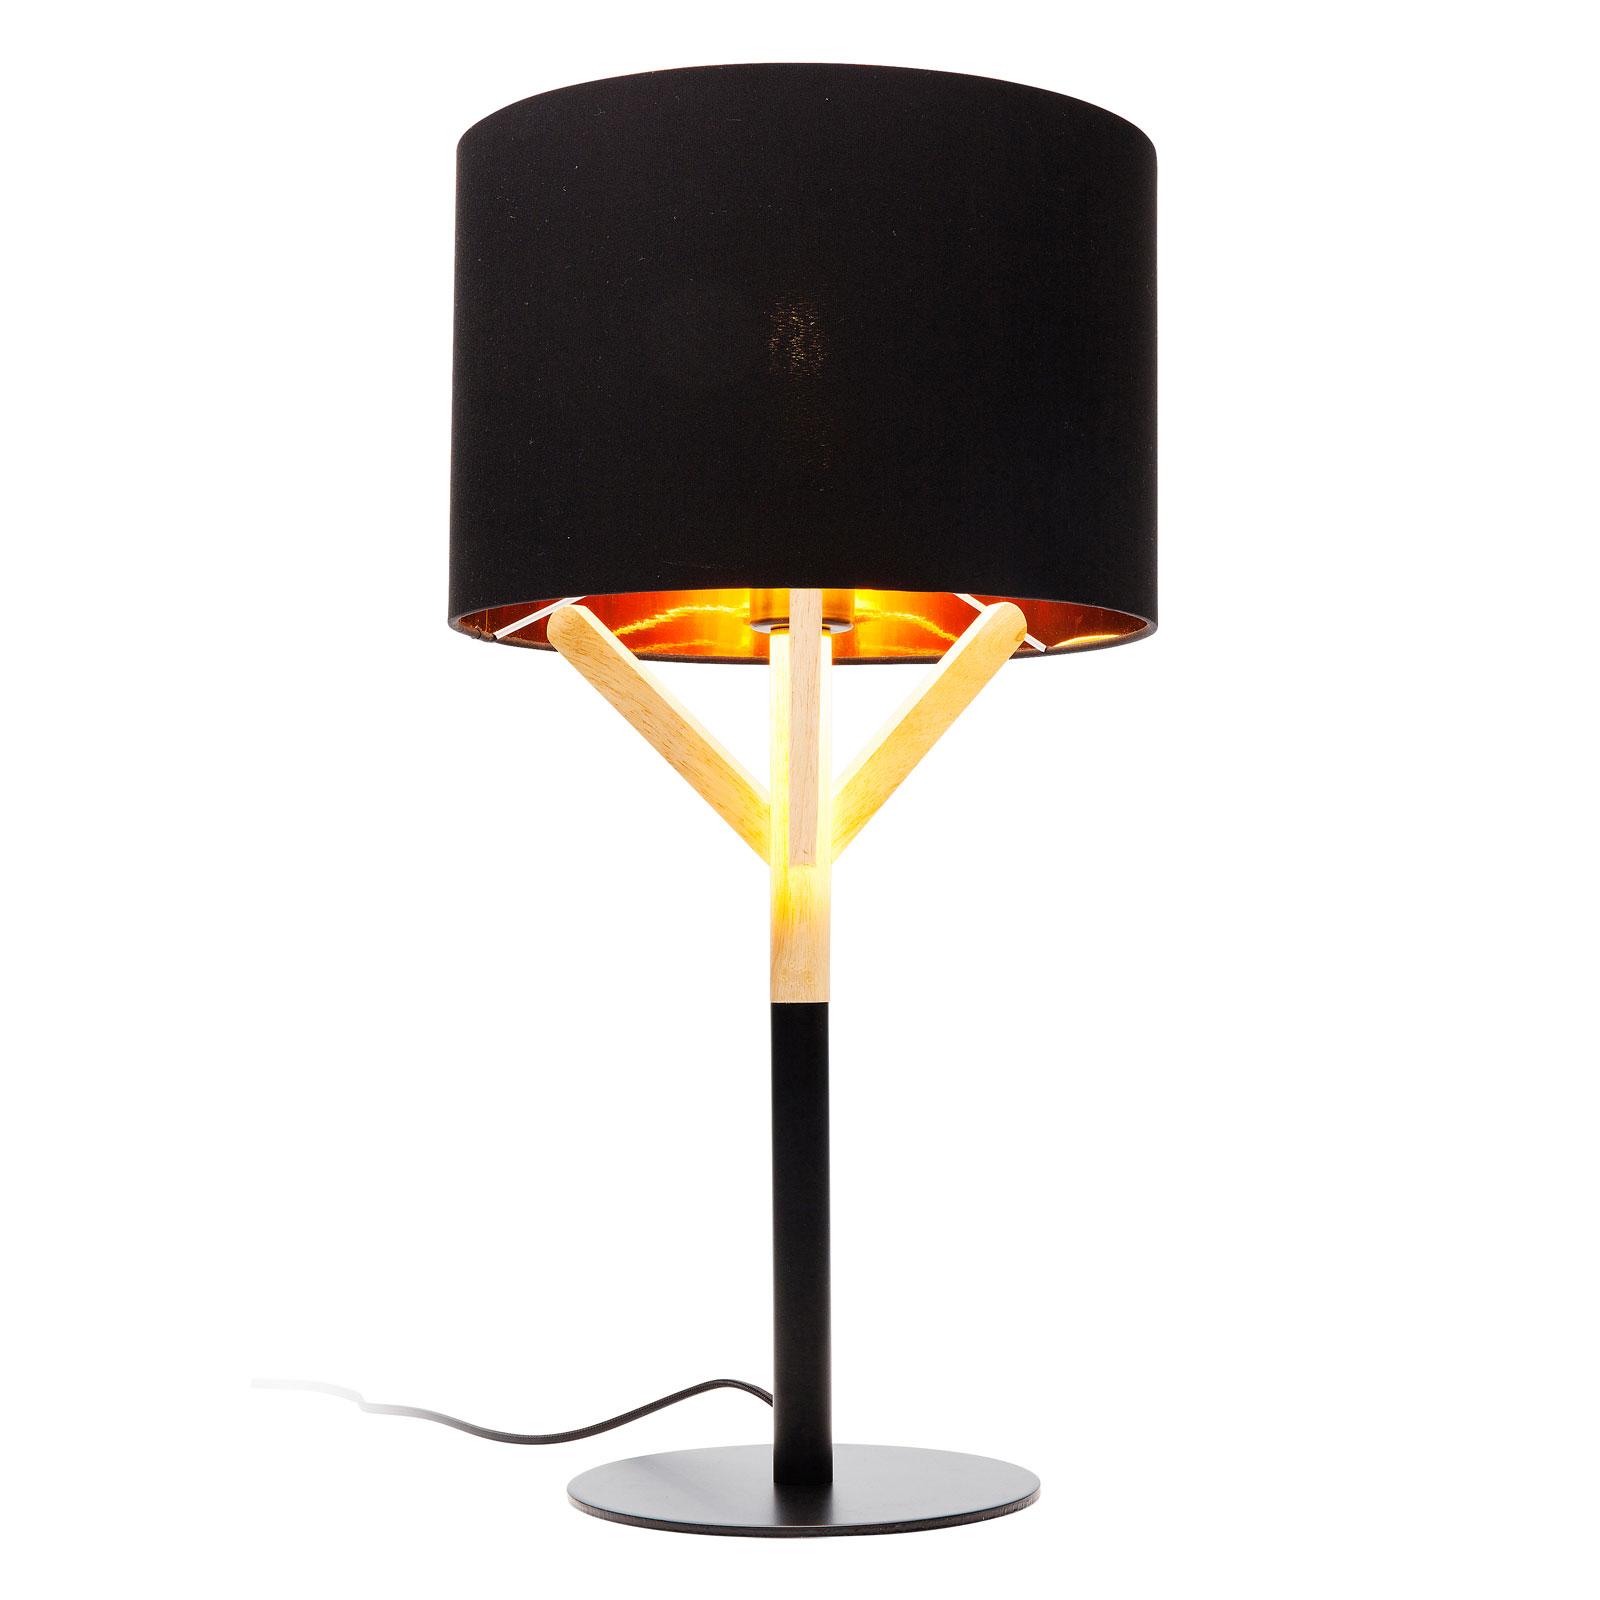 KARE Scandi lampe à poser avec détail en bois